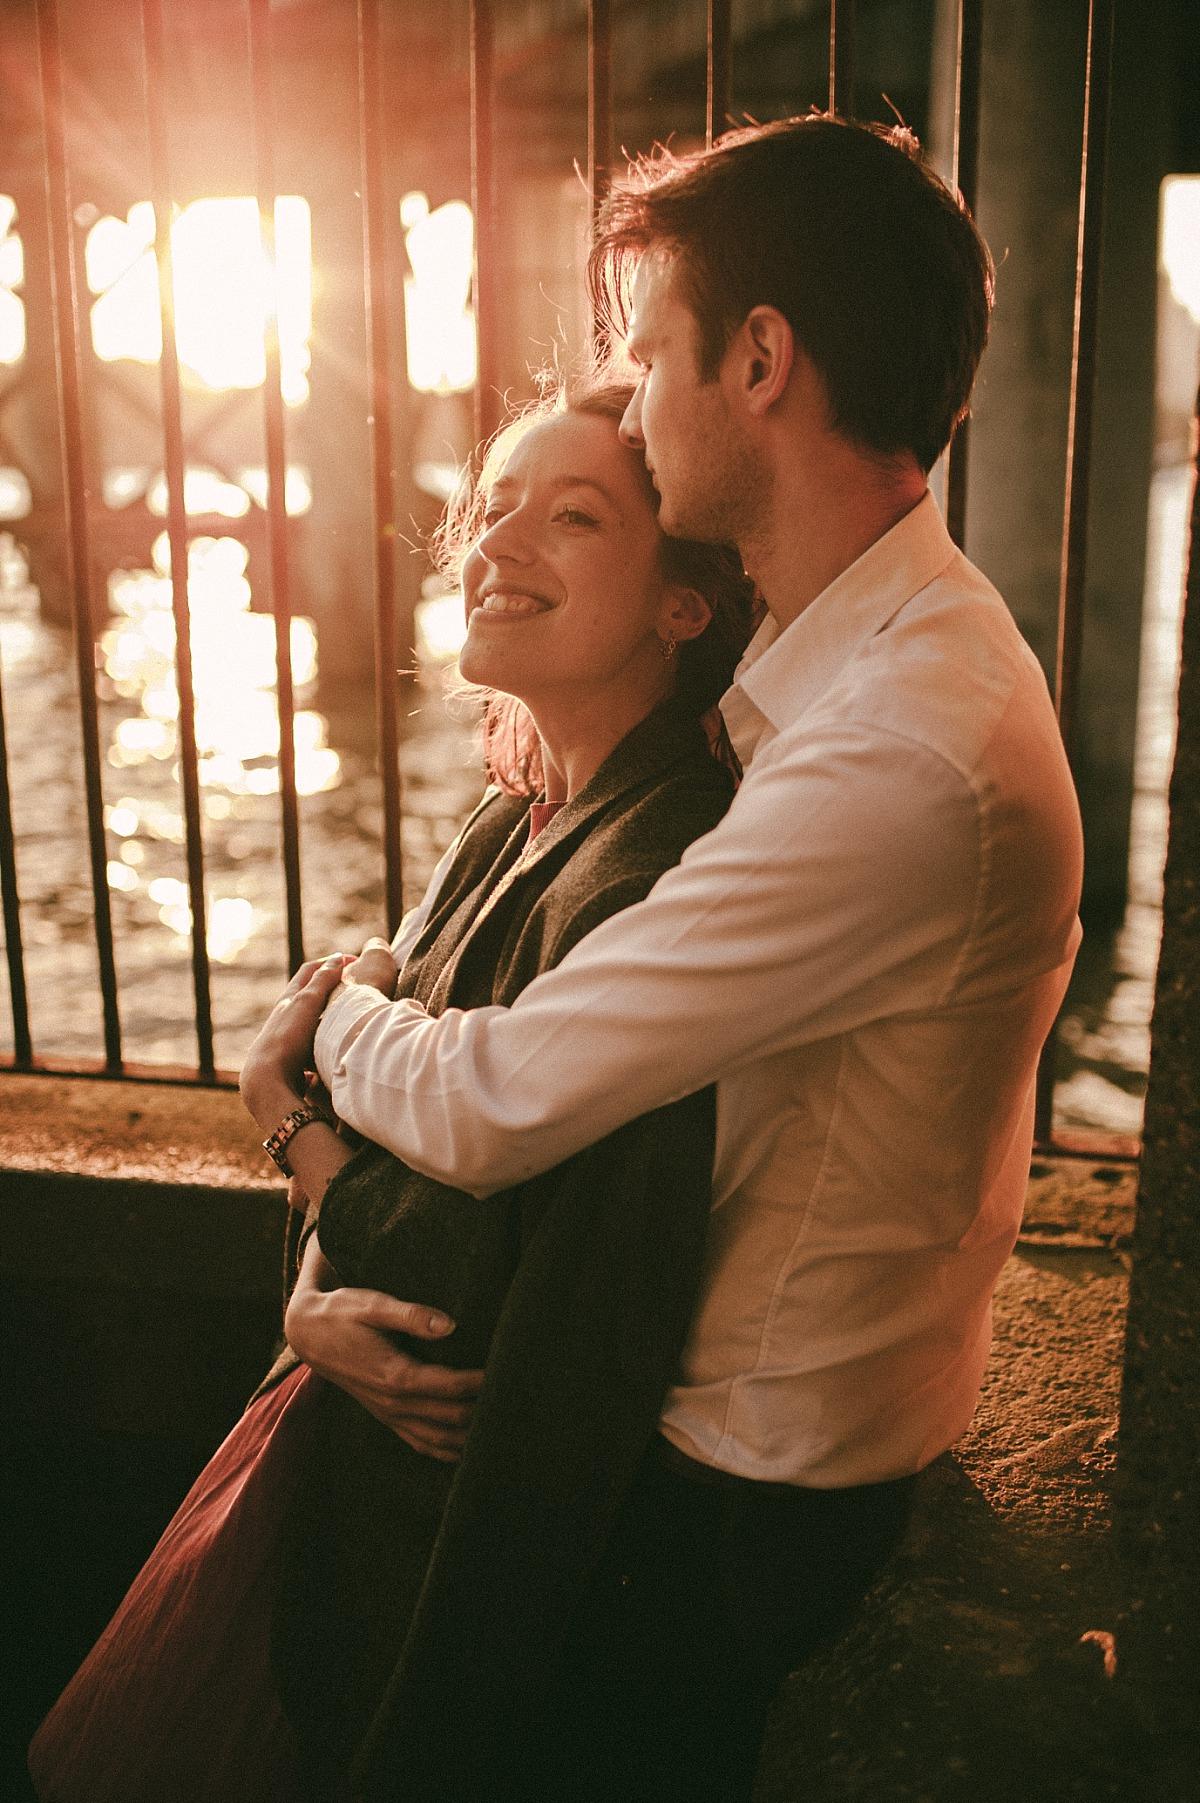 Sunset Engagement shoot by Matt Lee Photography